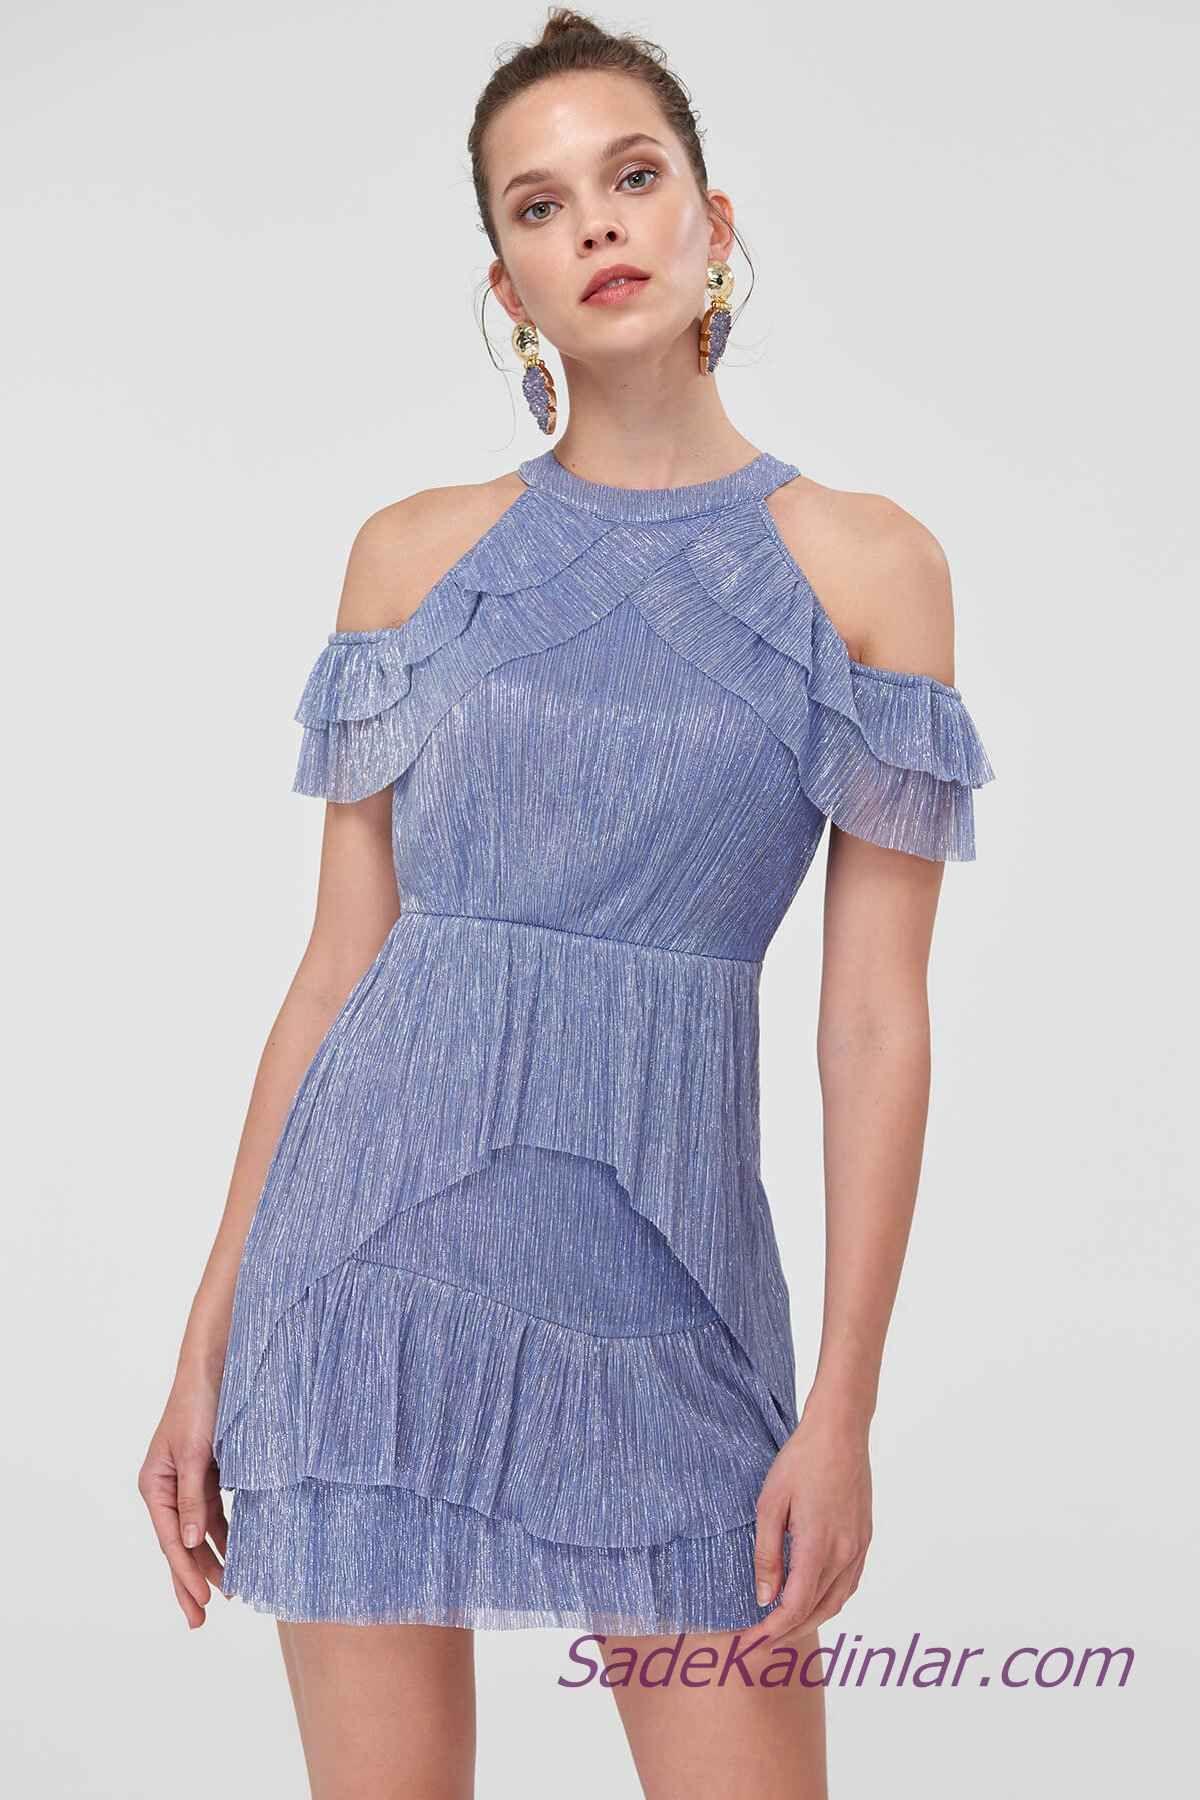 2019 Abiye Elbise Modelleri Mavi Kısa Omuzlar Açık Fırfır Detaylı